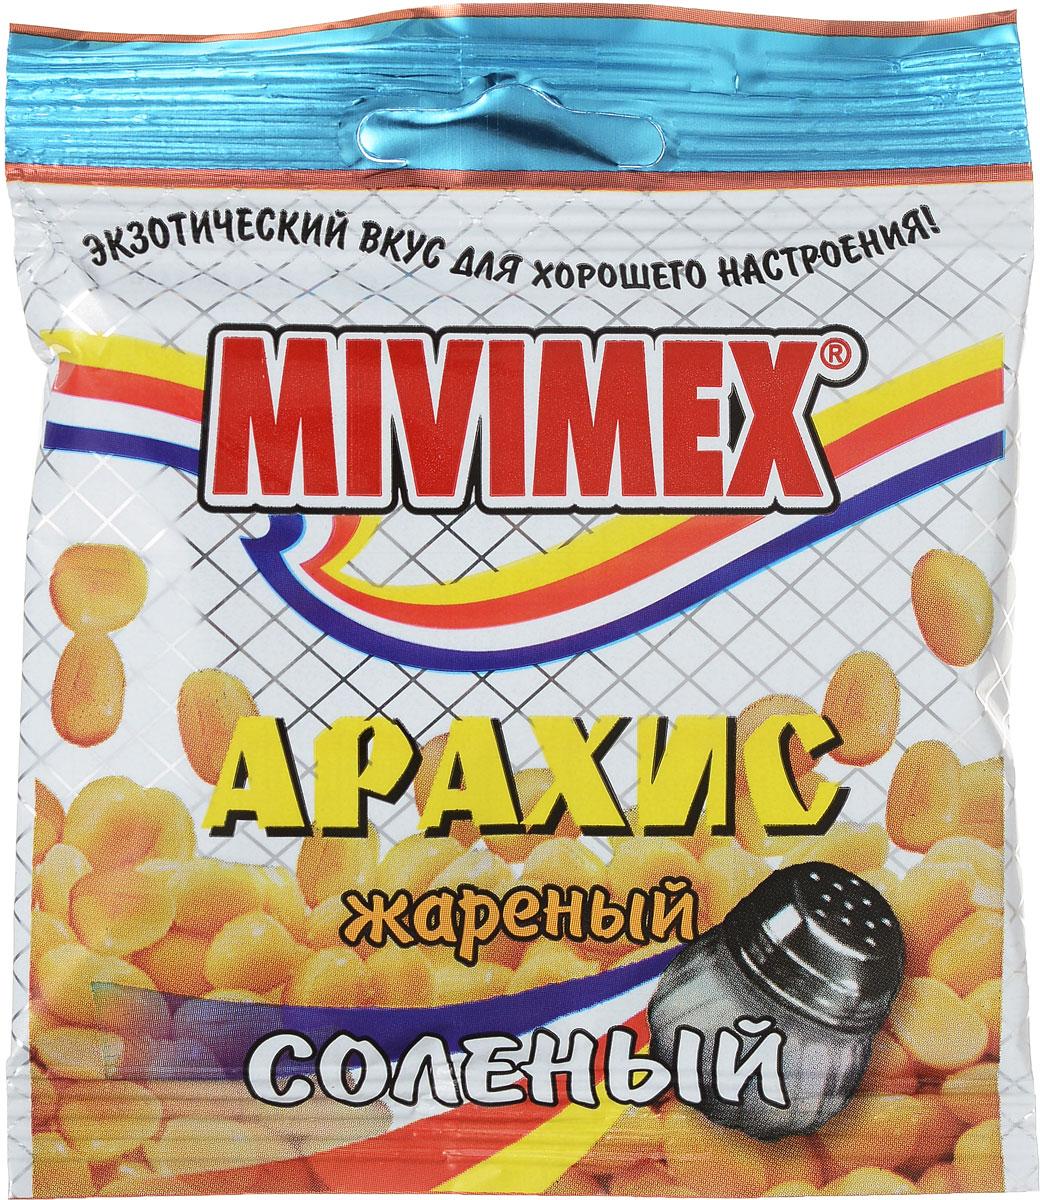 Mivimex Арахис жареный соленый, 25 г0120710Жареный соленый арахис Mivimex содержит полезные микроэлементы ивитамины, готов к употреблению.